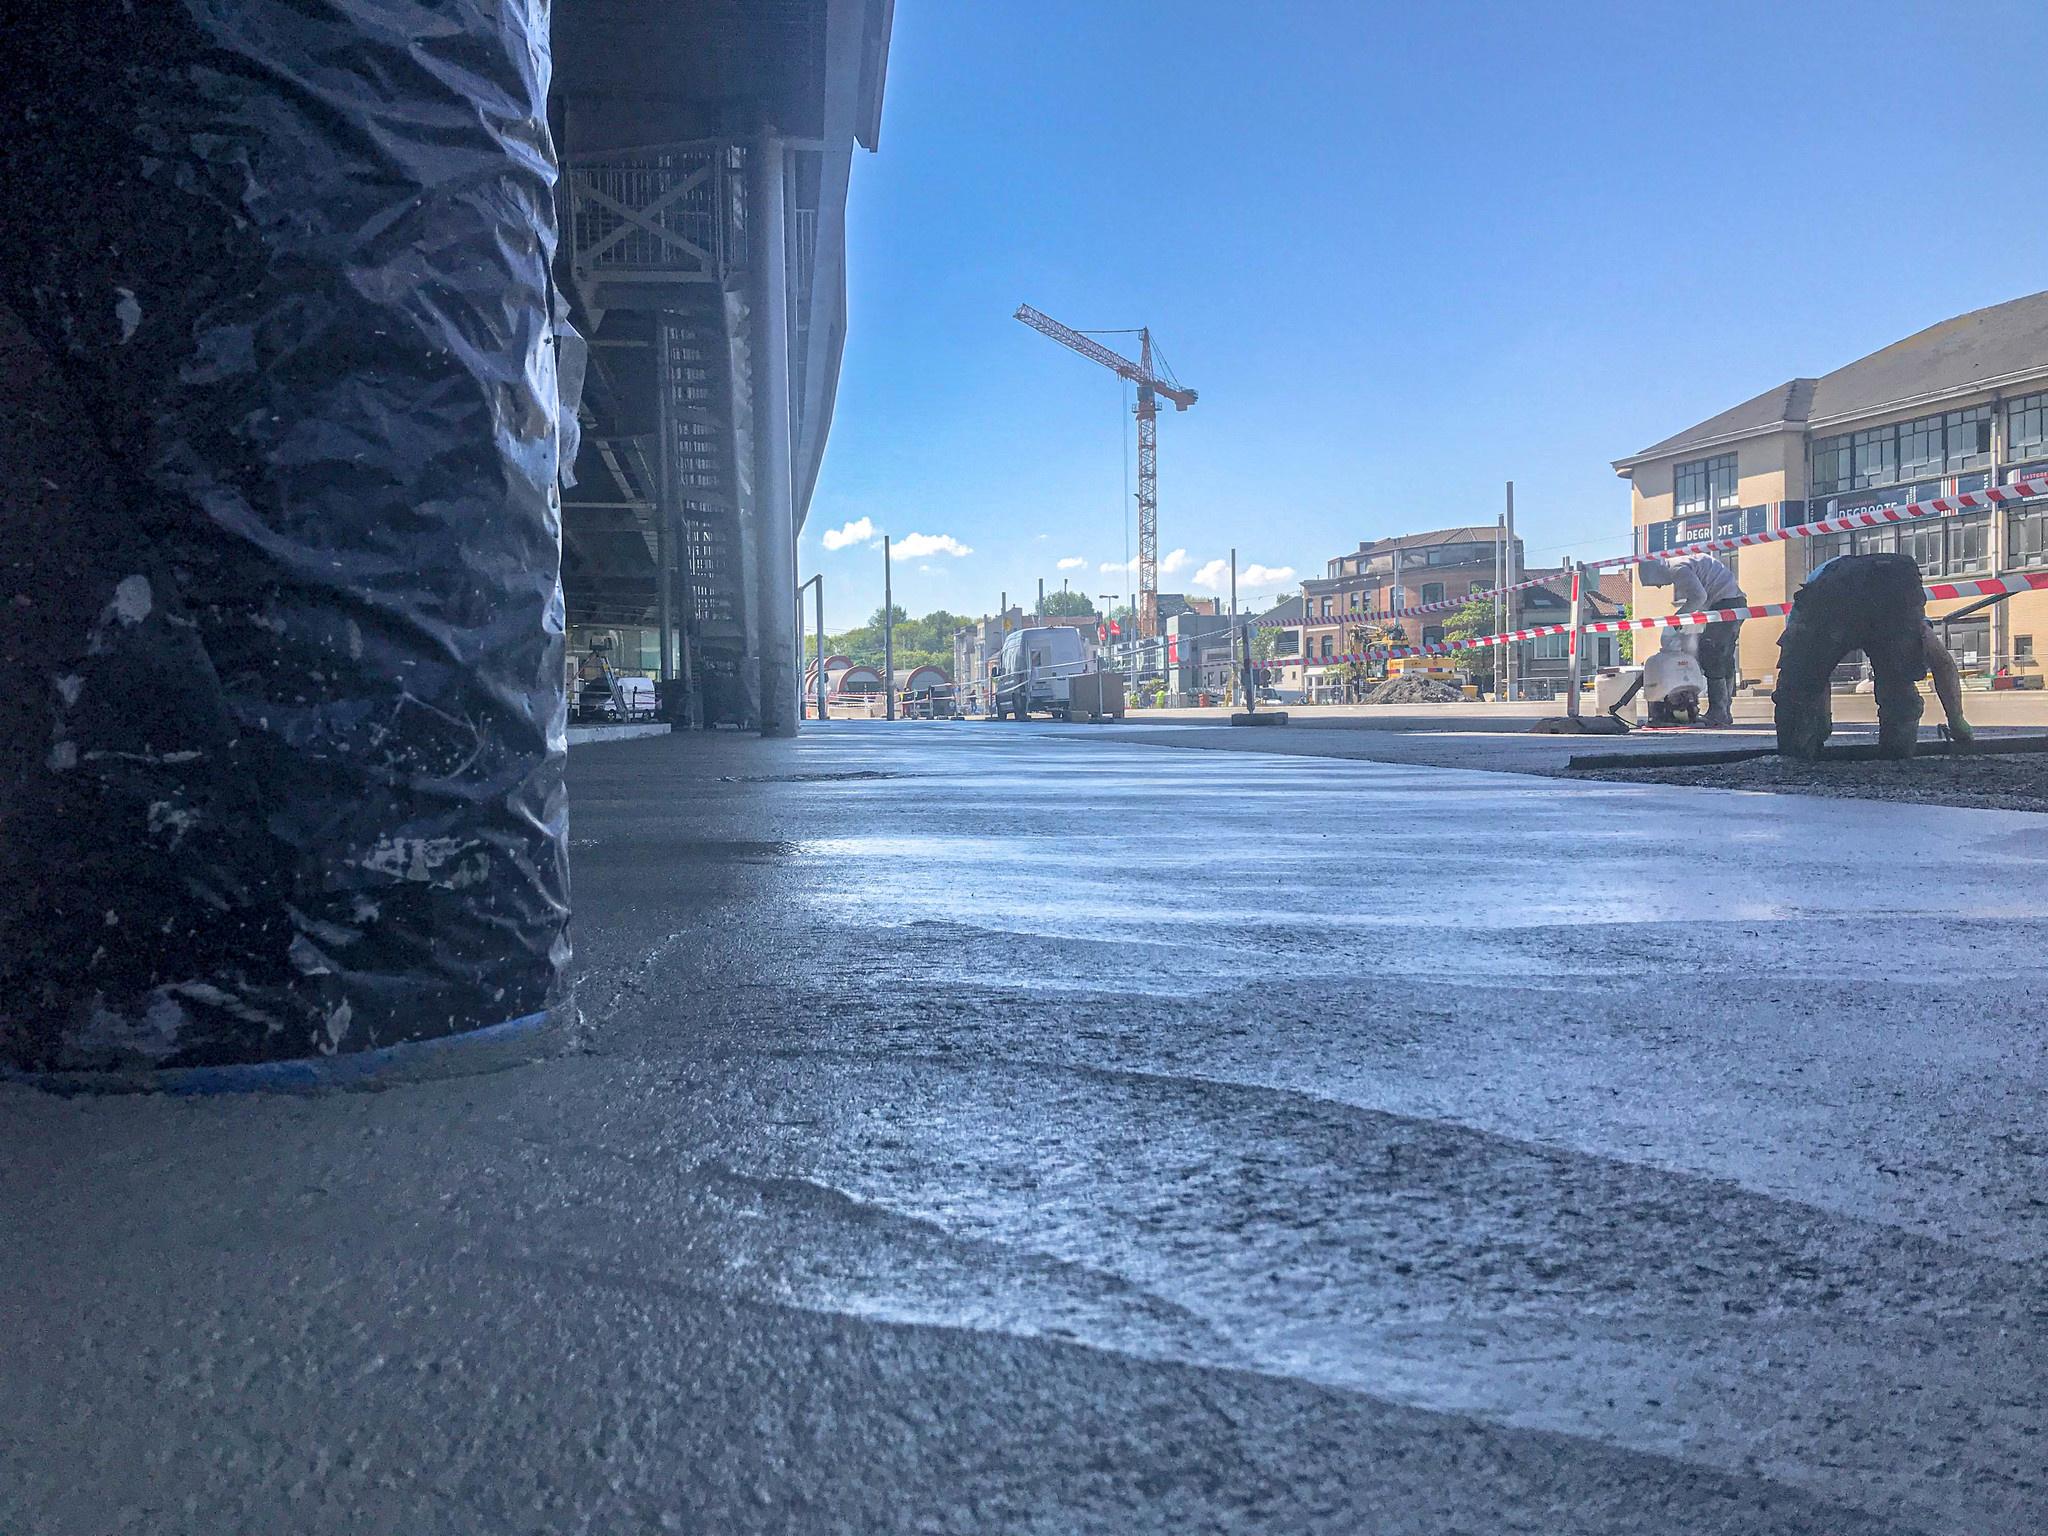 Bättre betong - 3600 m² polerad betong med glasfibrer på spårvagnsspår i Ostend, Belgien